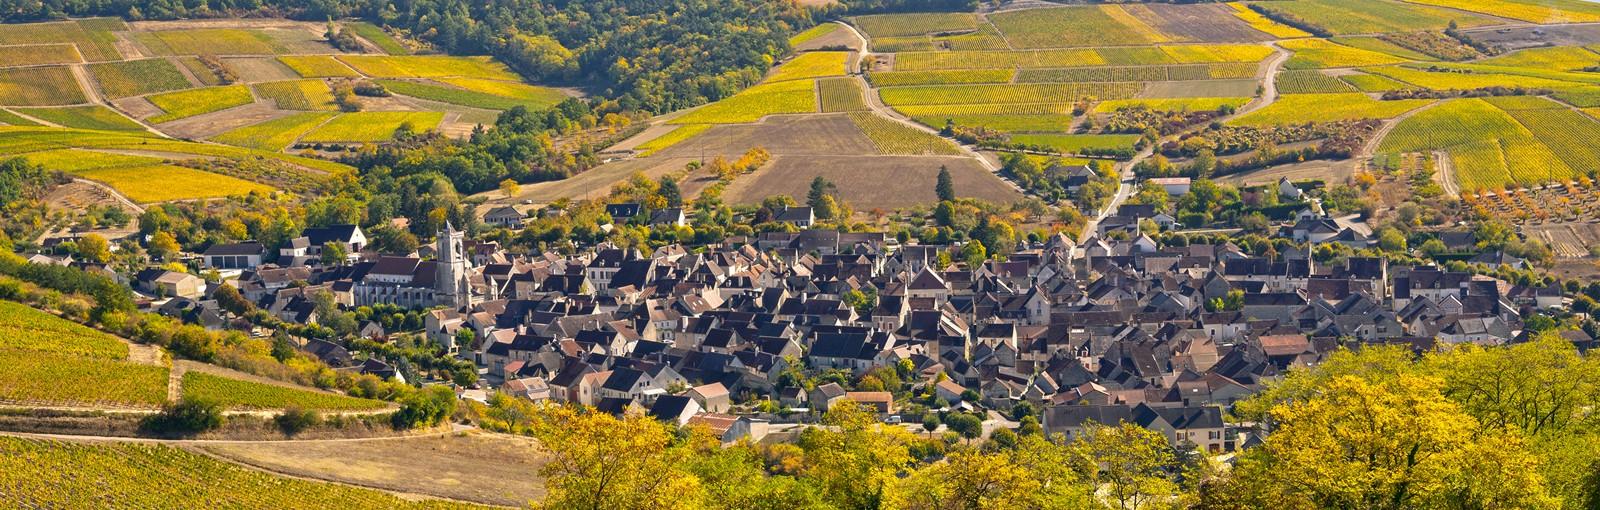 Tours Grand tour de l'Yonne - Journées complètes - Excursions au départ de Paris